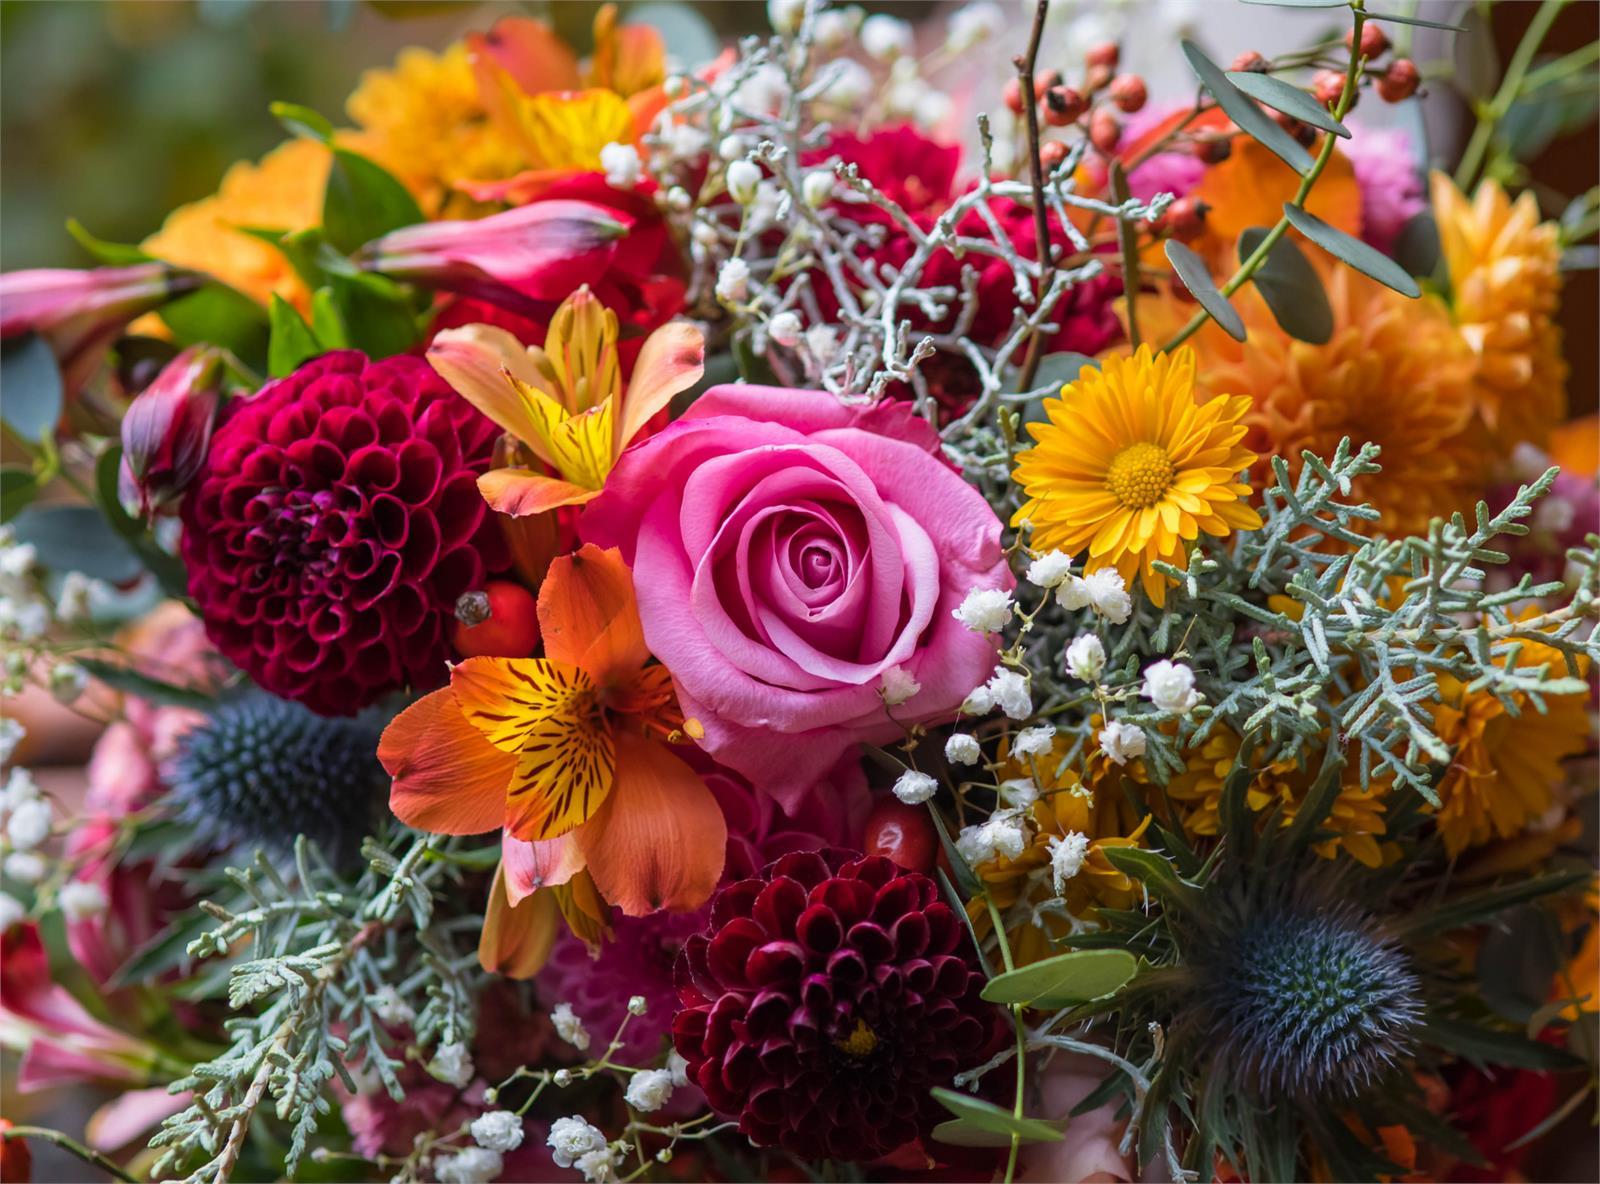 Blumenstrauß | ©pixabay